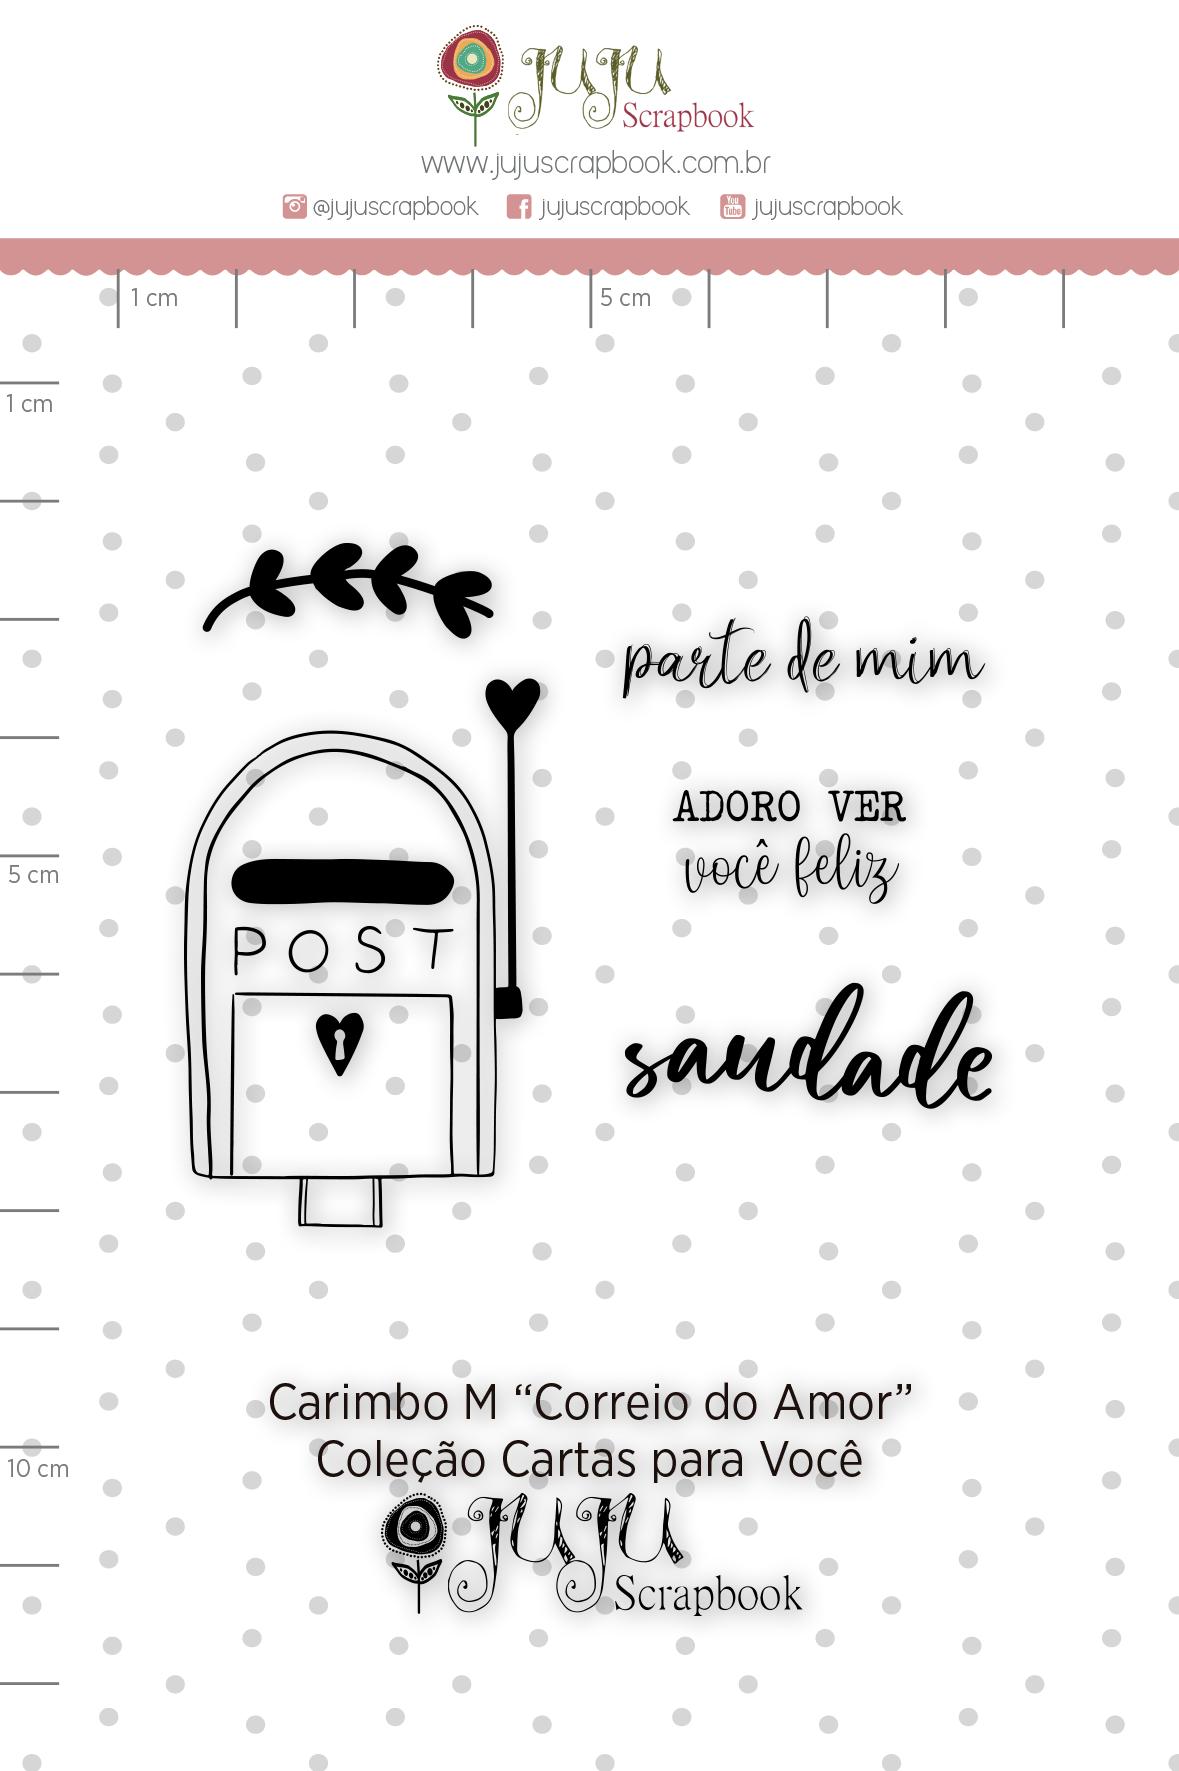 Carimbo M Correio de Amor - Coleção Cartas para Você - JuJu Scrapbook  - JuJu Scrapbook